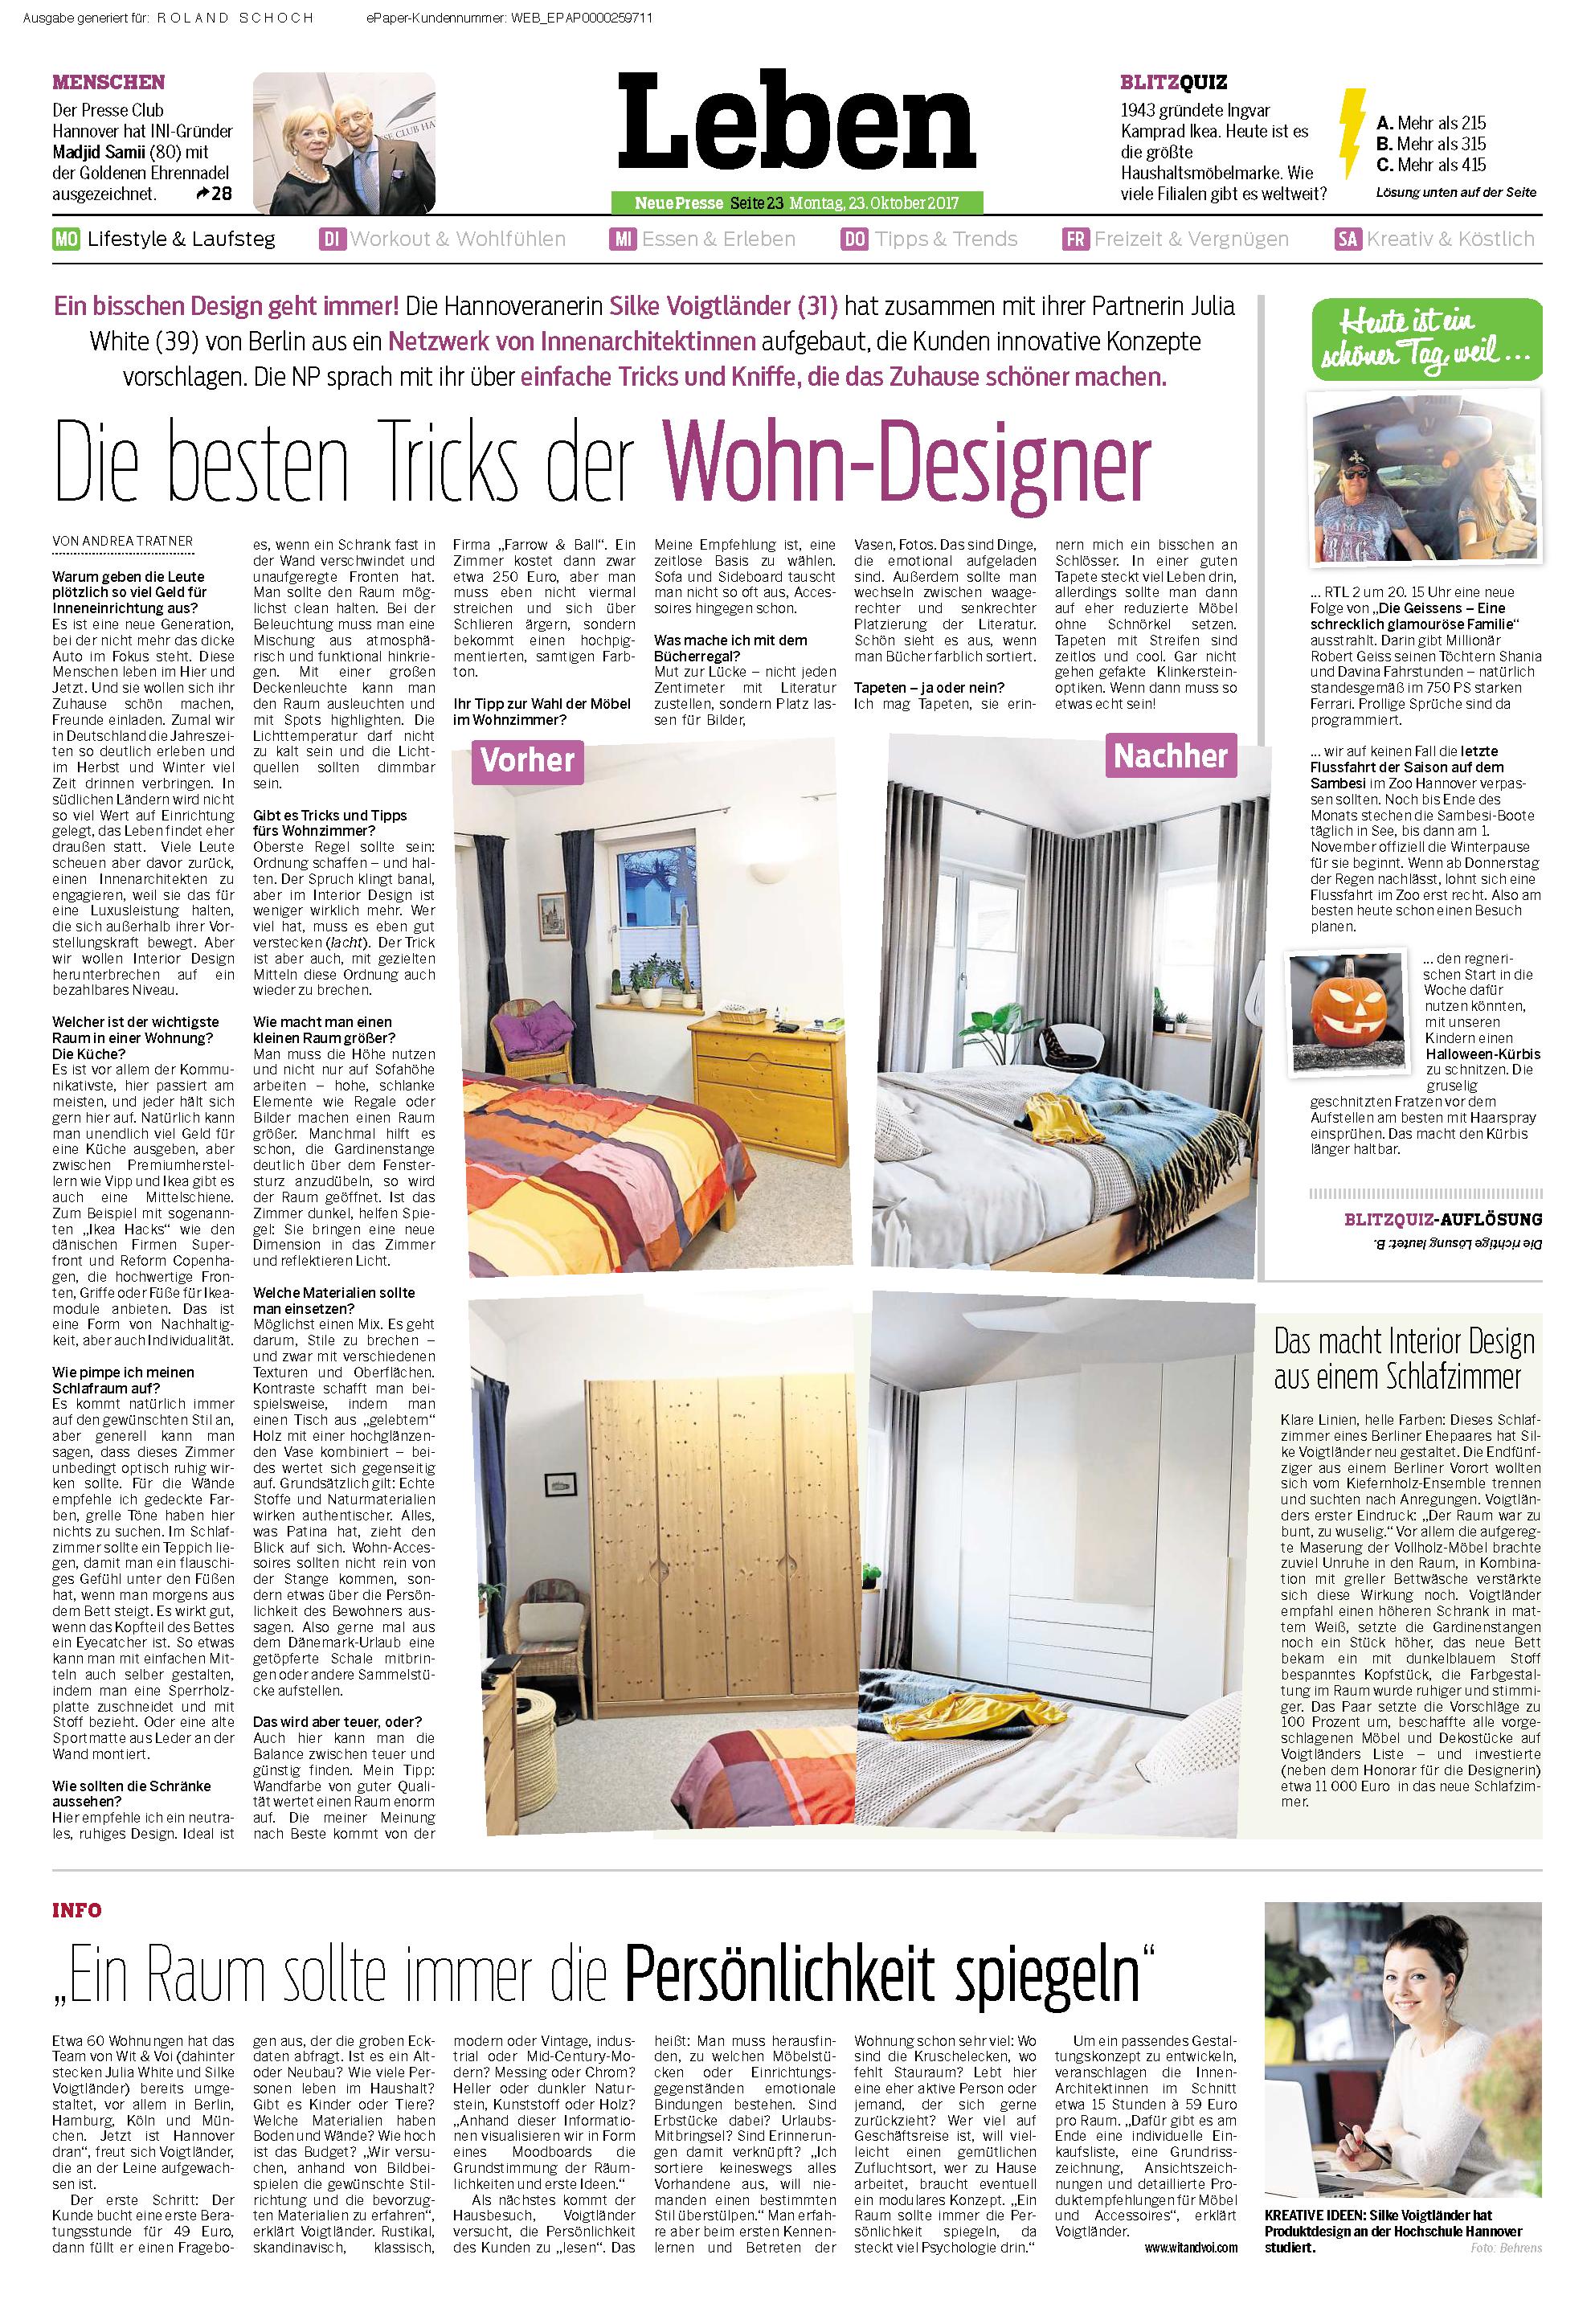 Neue Presse - Die besten Tricks der Wohn-Designer